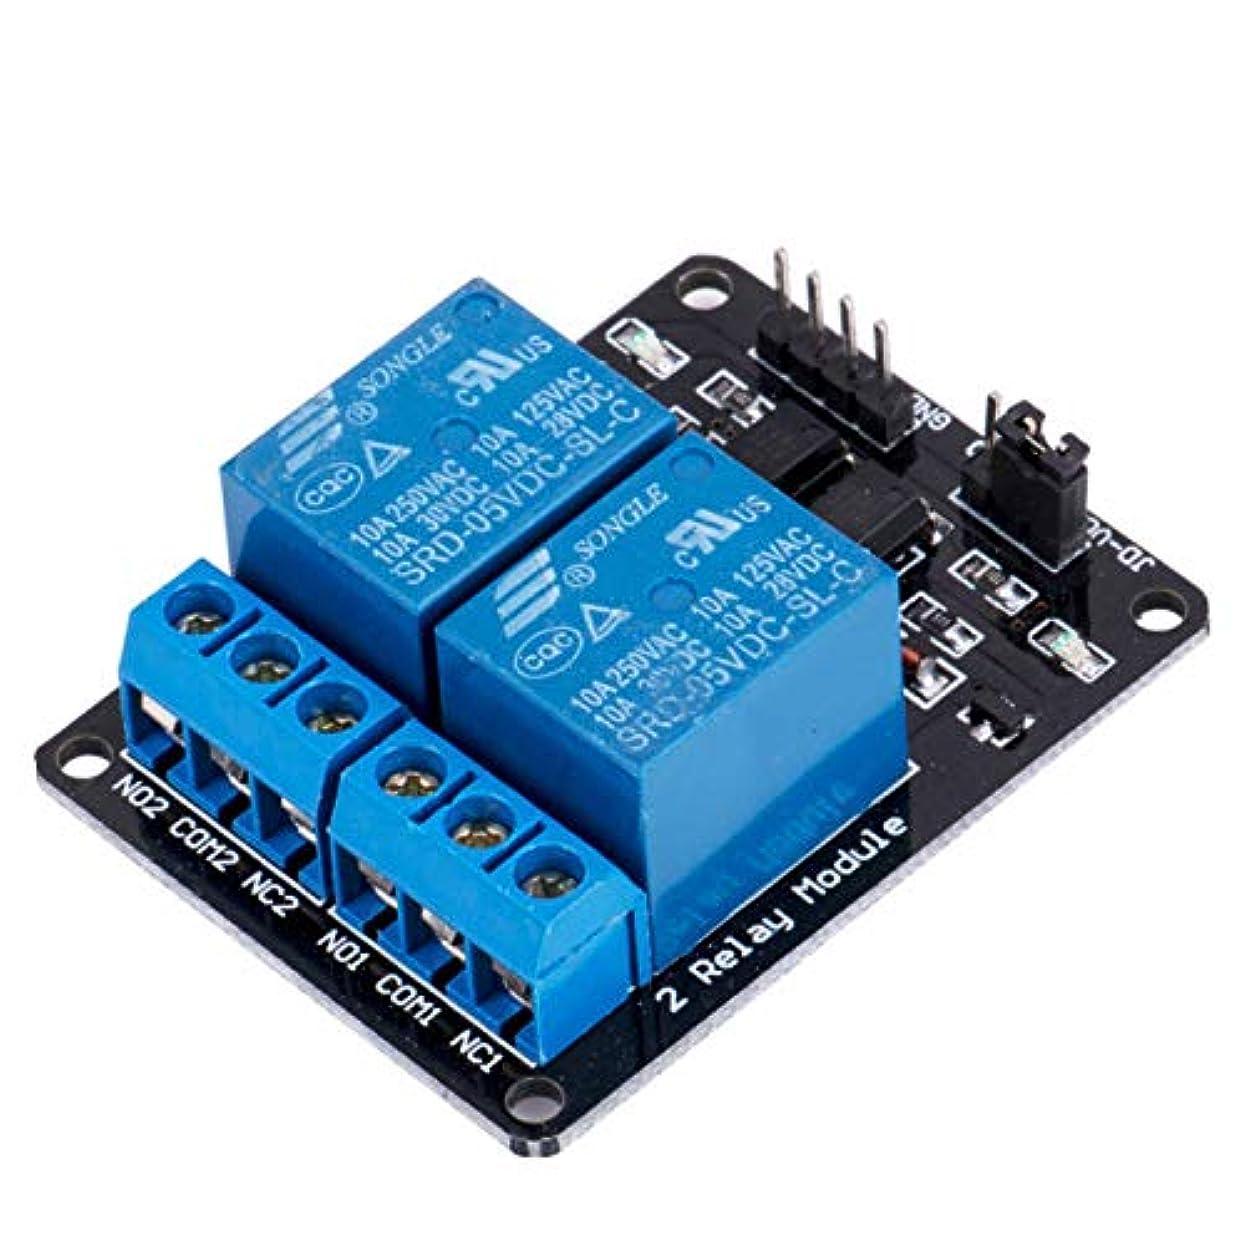 ペッカディロ晩餐角度FidgetGear PIC AVR DSP ARM Arduino NEB用フォトカプラ付き5V 2チャネルリレーモジュール